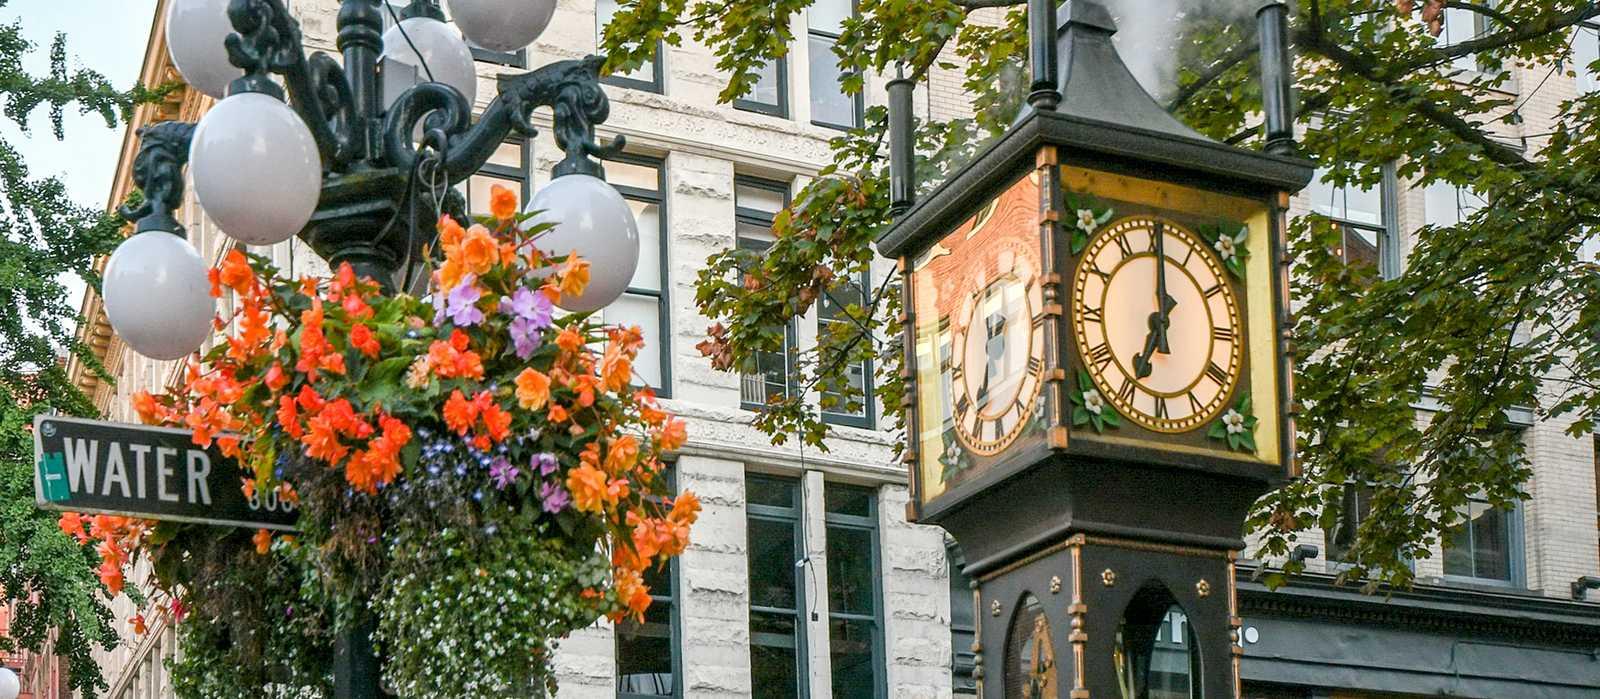 Die weltweit erste Dampfuhr im Stadtteil Gastown in Vancouver, Kanada